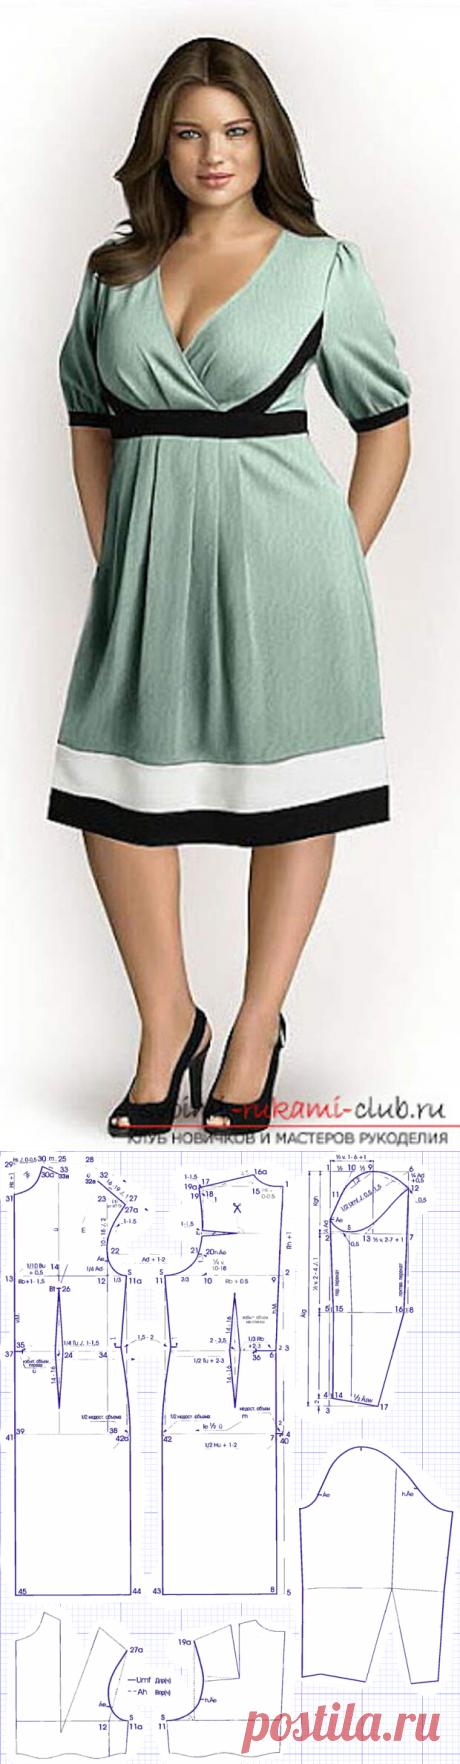 Простые и сложные выкройки платьев для полных - Подружки - медиаплатформа МирТесен